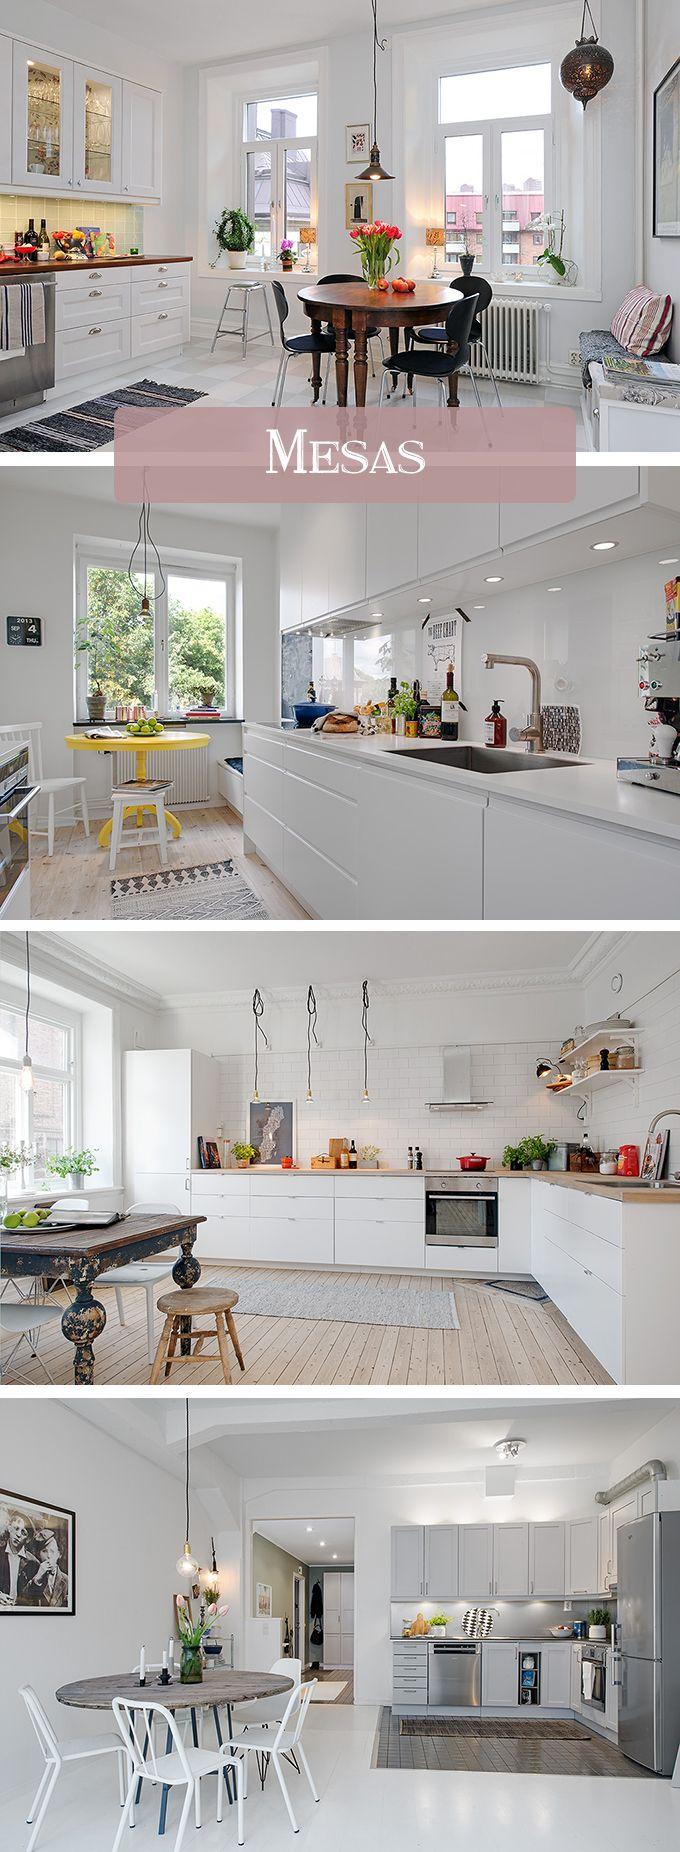 Una cocina nórdica mola... pero si ya tiene algún toque vintage nos roba el corazón. Ideas para incluir muebles antiguos en casa.